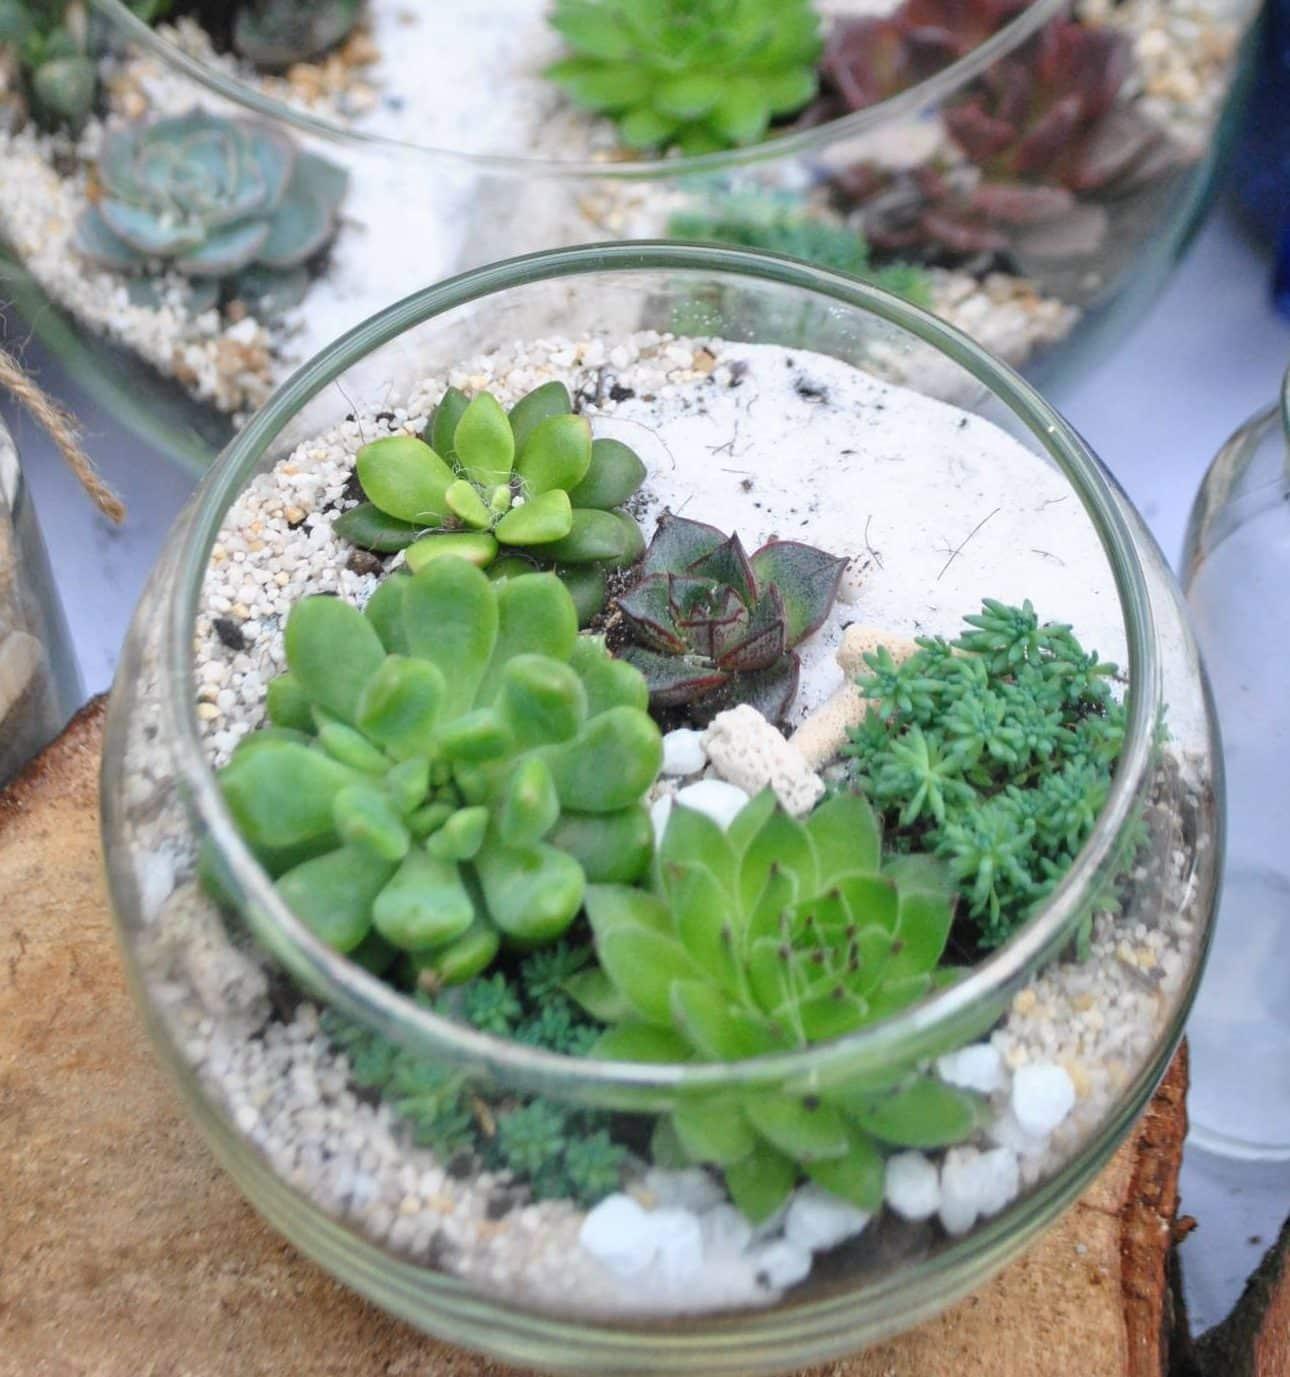 Comment Faire Un Terrarium Plante Grasse réalisation et entretien d'un terrarium | jardin dion